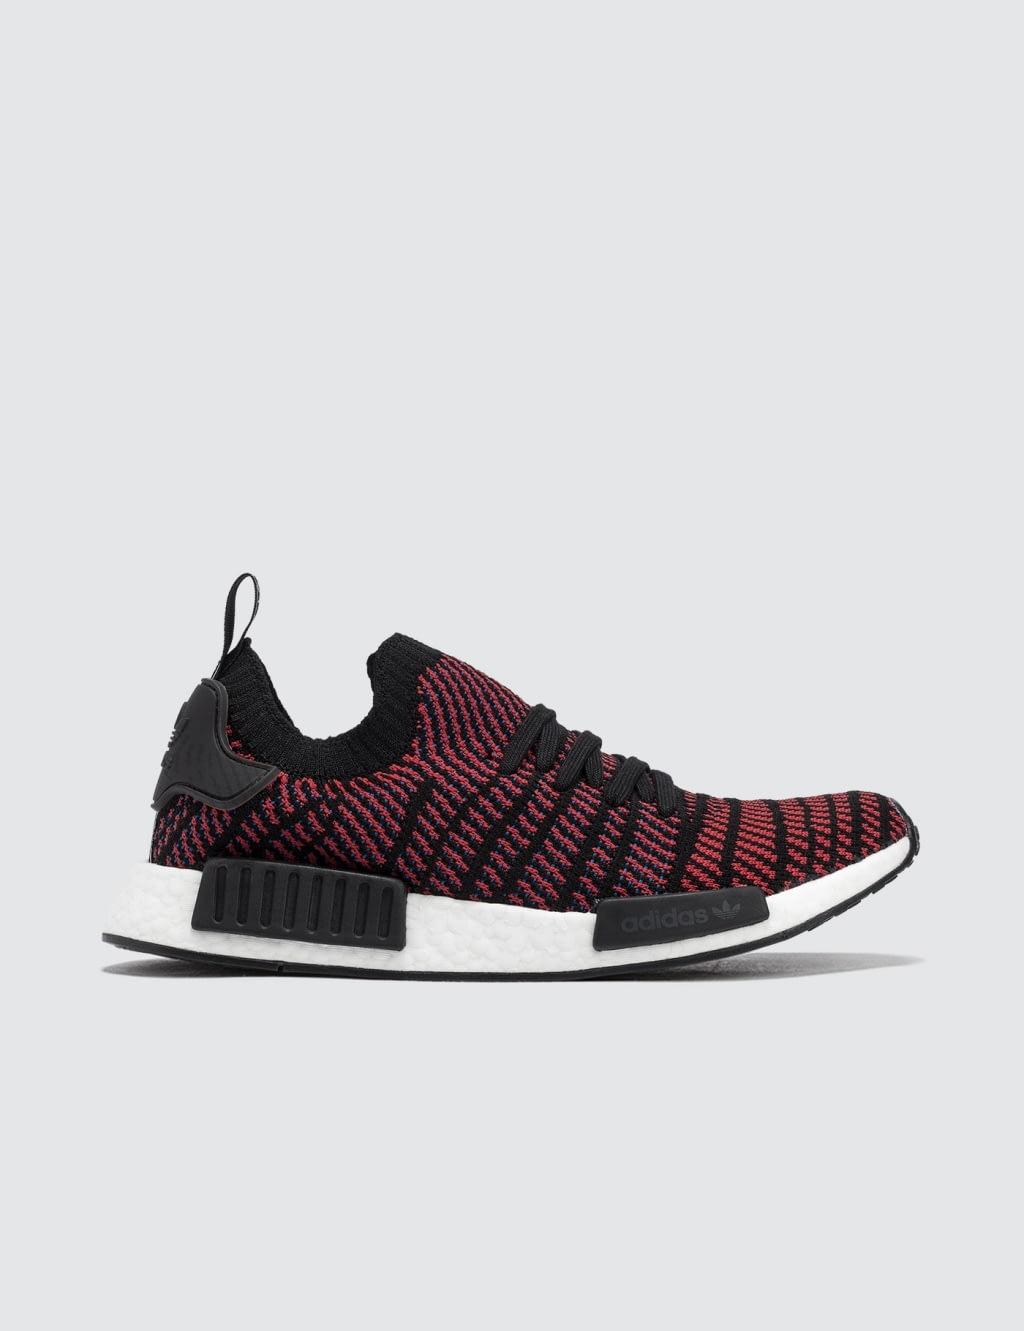 Adidas Originals NMD köp